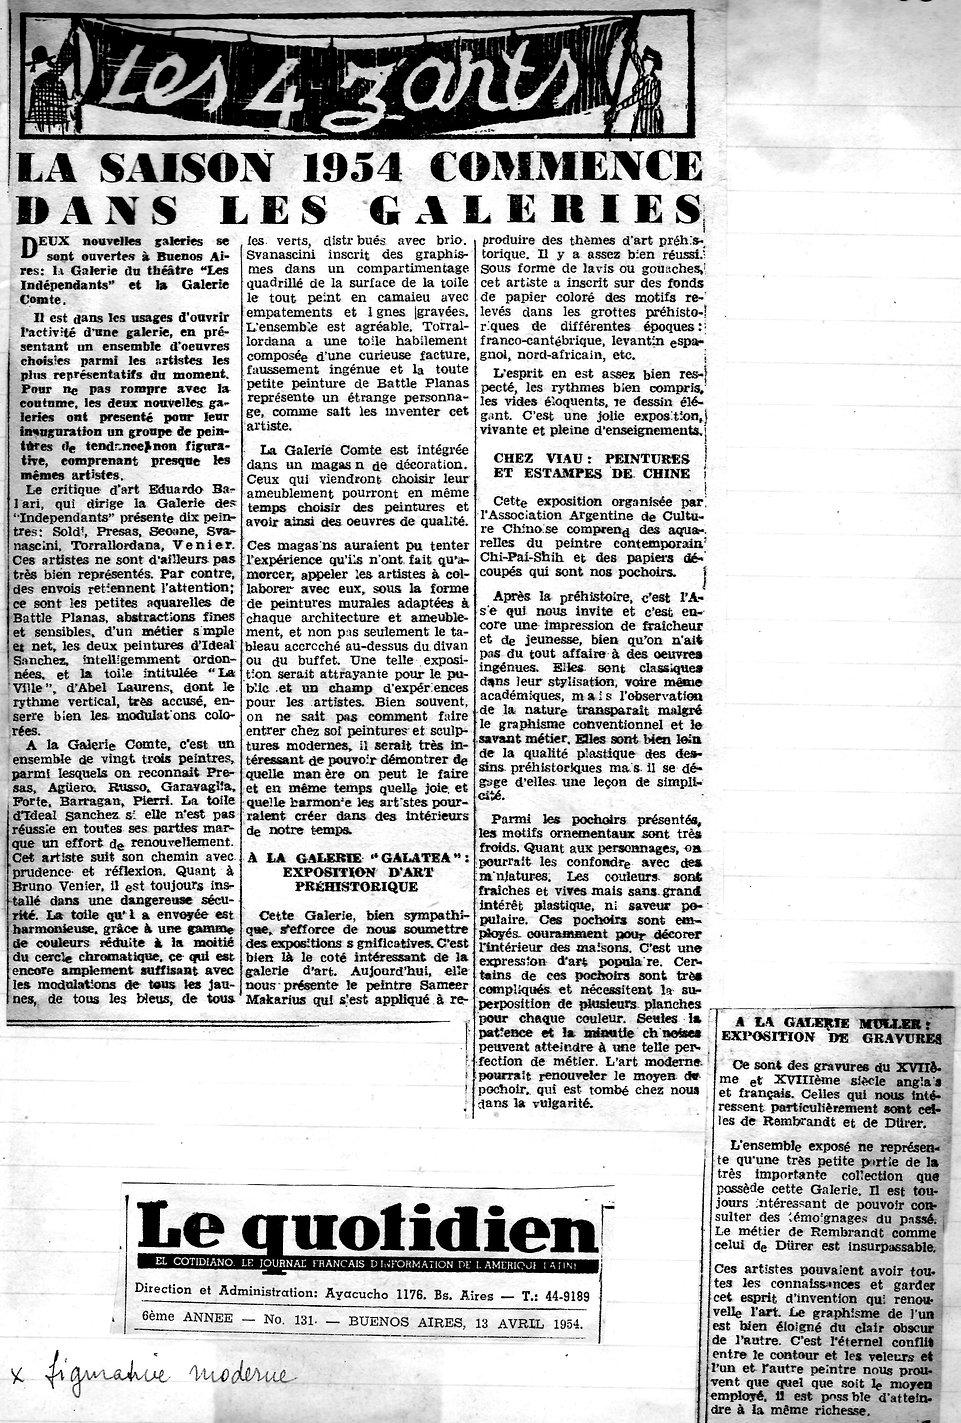 La siason 1954 commence dans les galerie